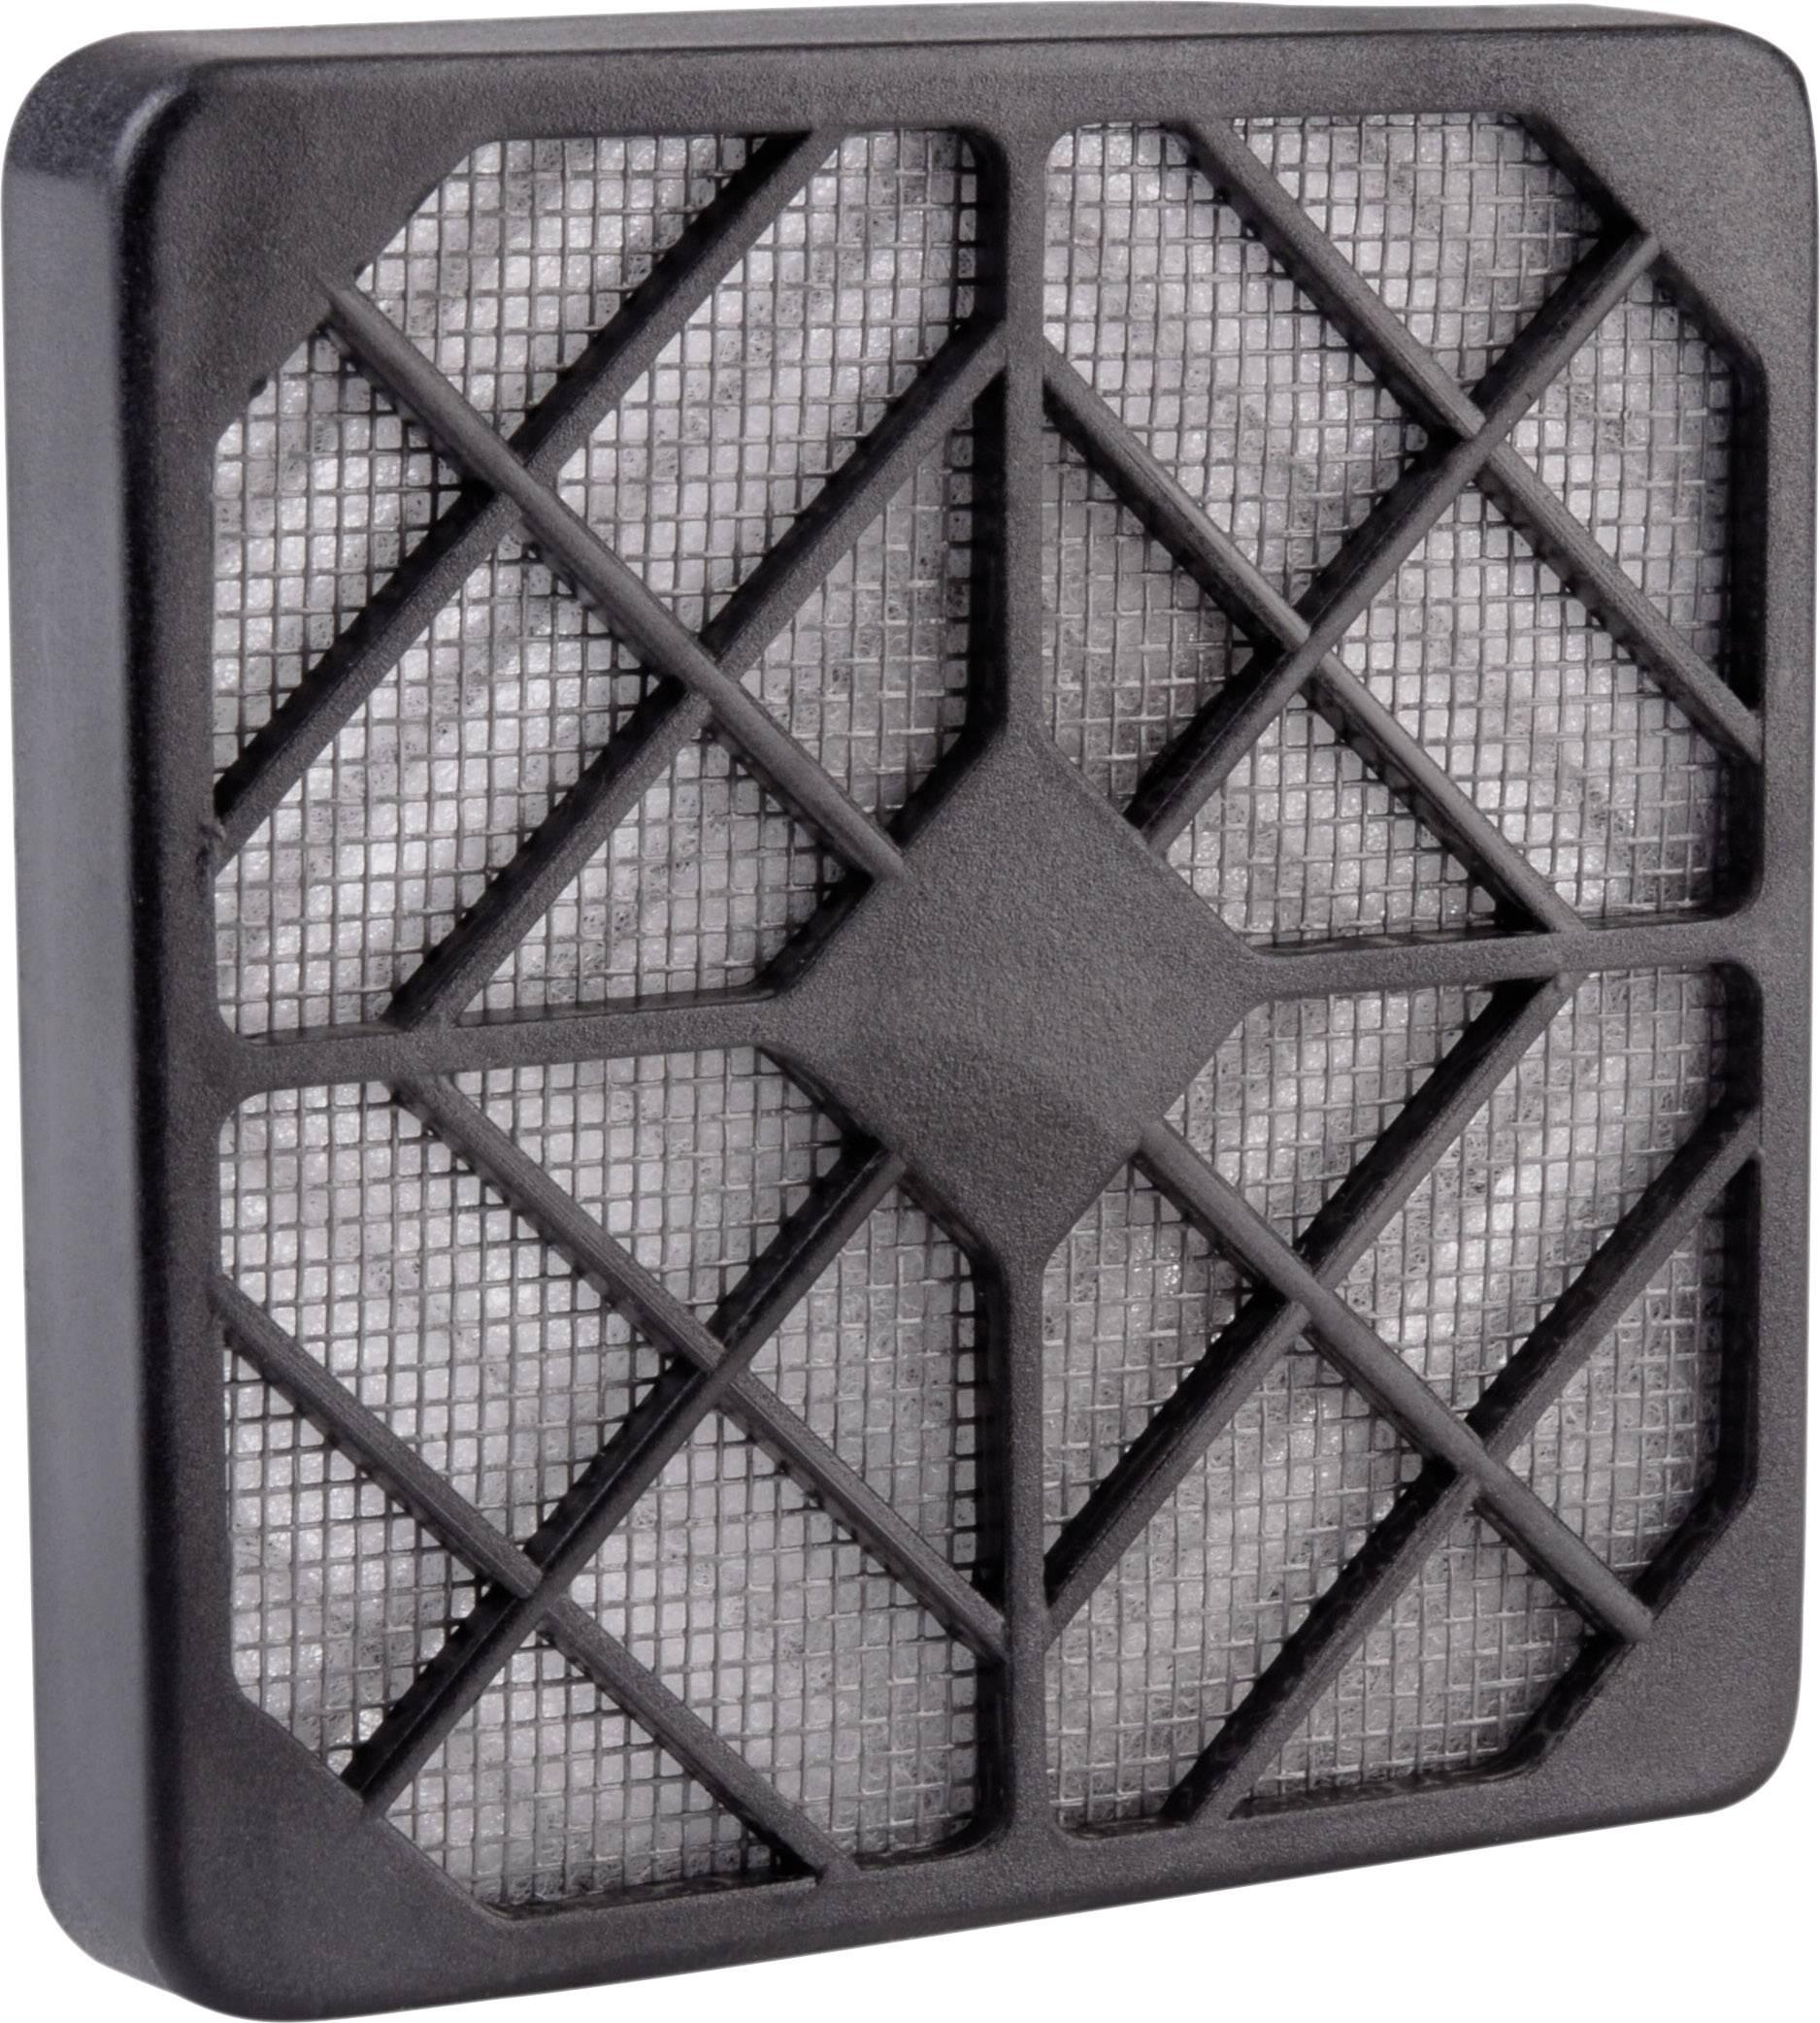 Ochranná mriežka s filtrom Wallair 20100316, čierna